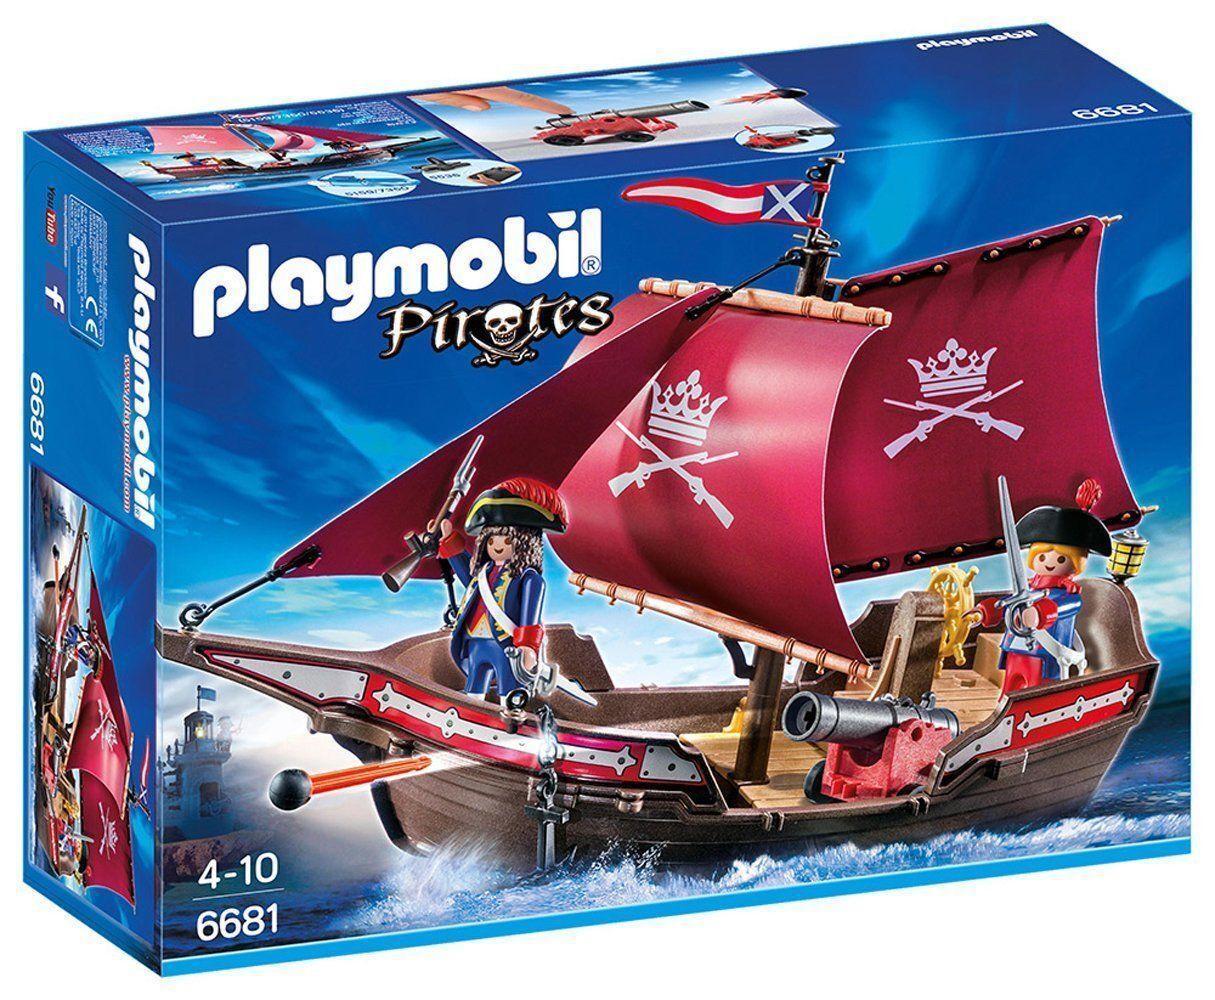 Playmobile Pirates fregata della marina reale